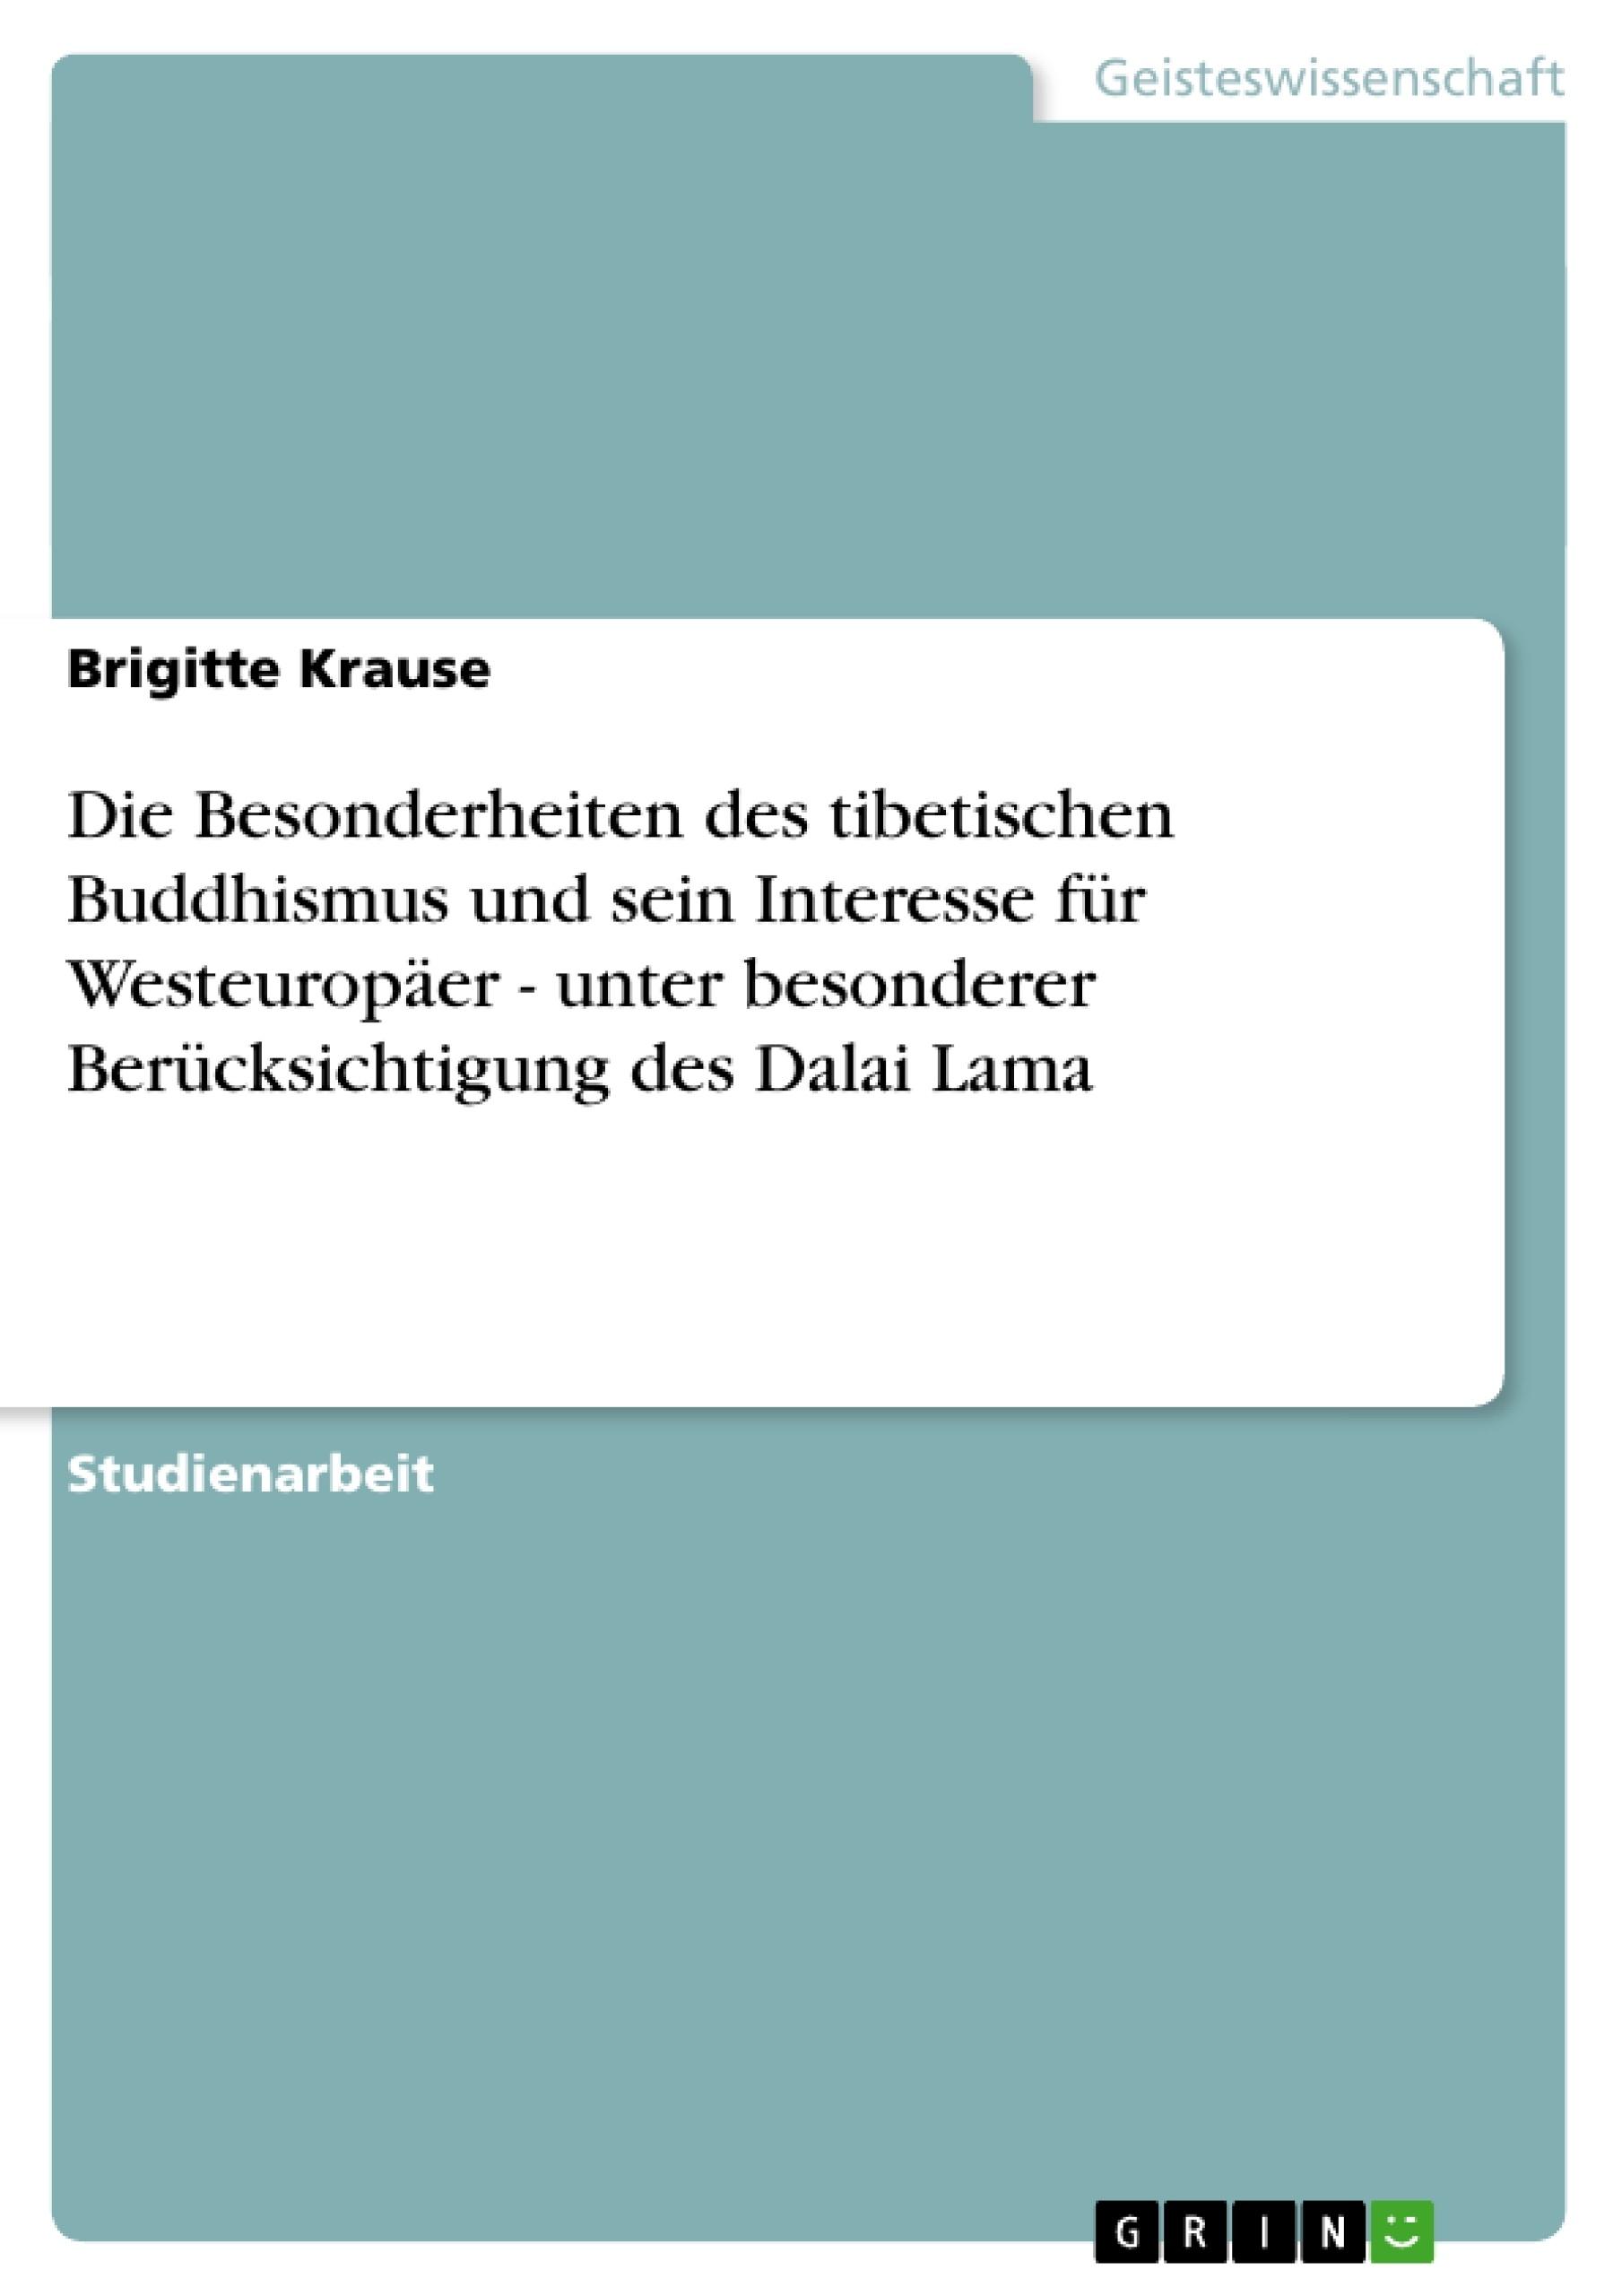 Titel: Die Besonderheiten des tibetischen Buddhismus und sein Interesse für Westeuropäer - unter besonderer Berücksichtigung des Dalai Lama